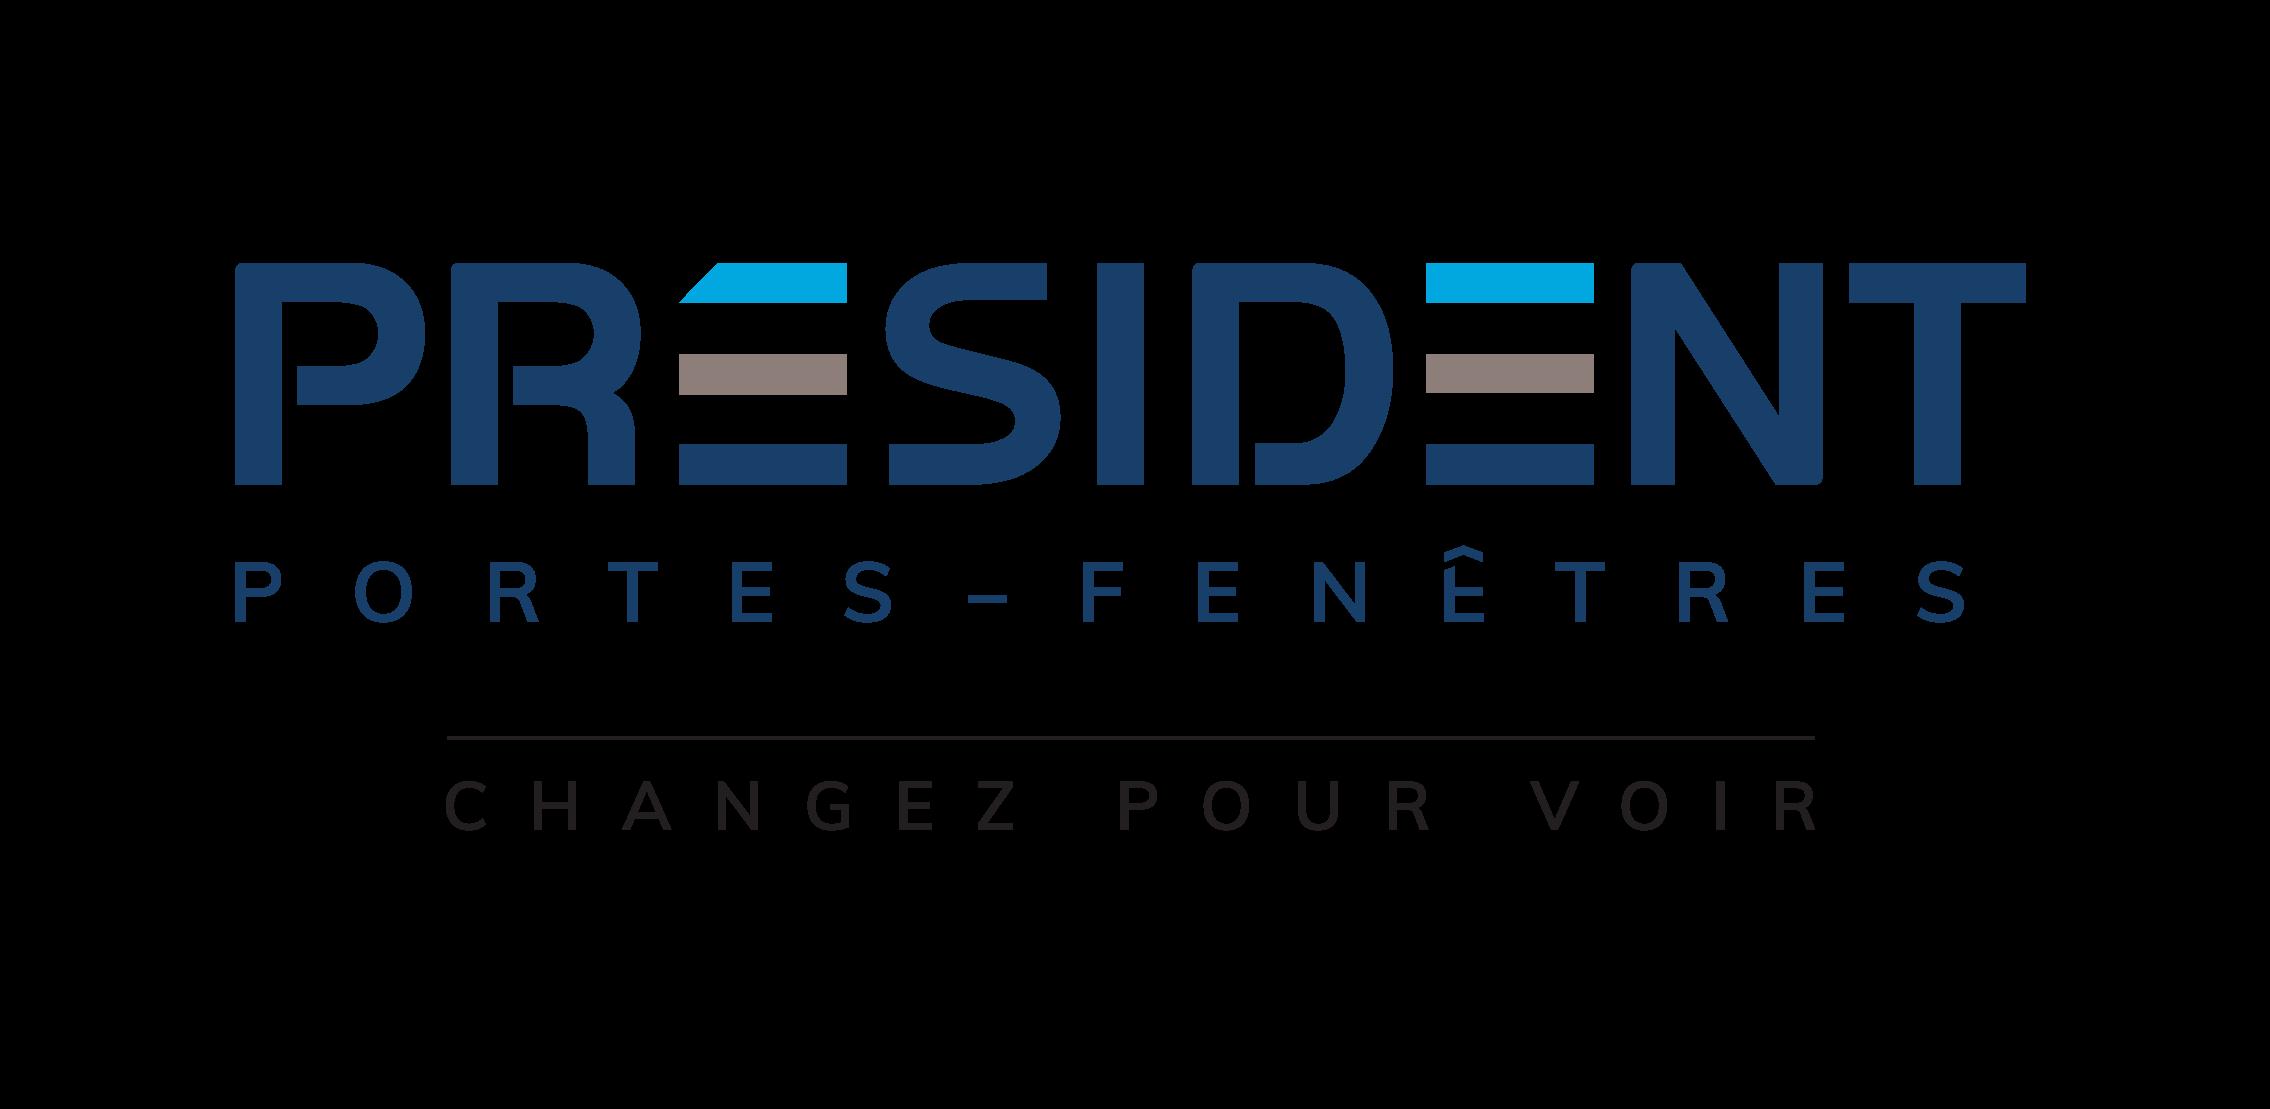 Logo_PRESIDENT